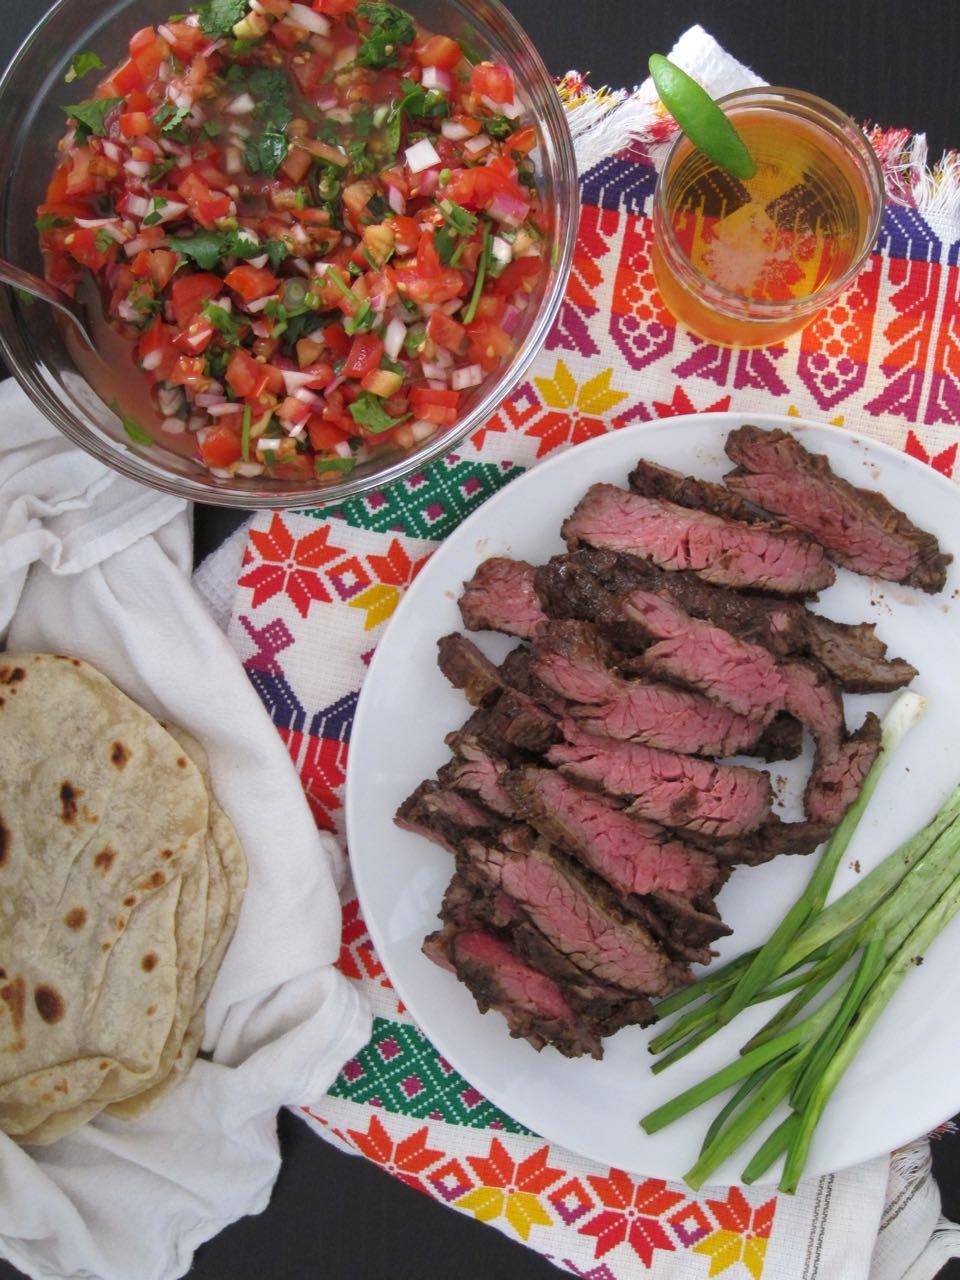 carne asada with pico de gallo and tortillas